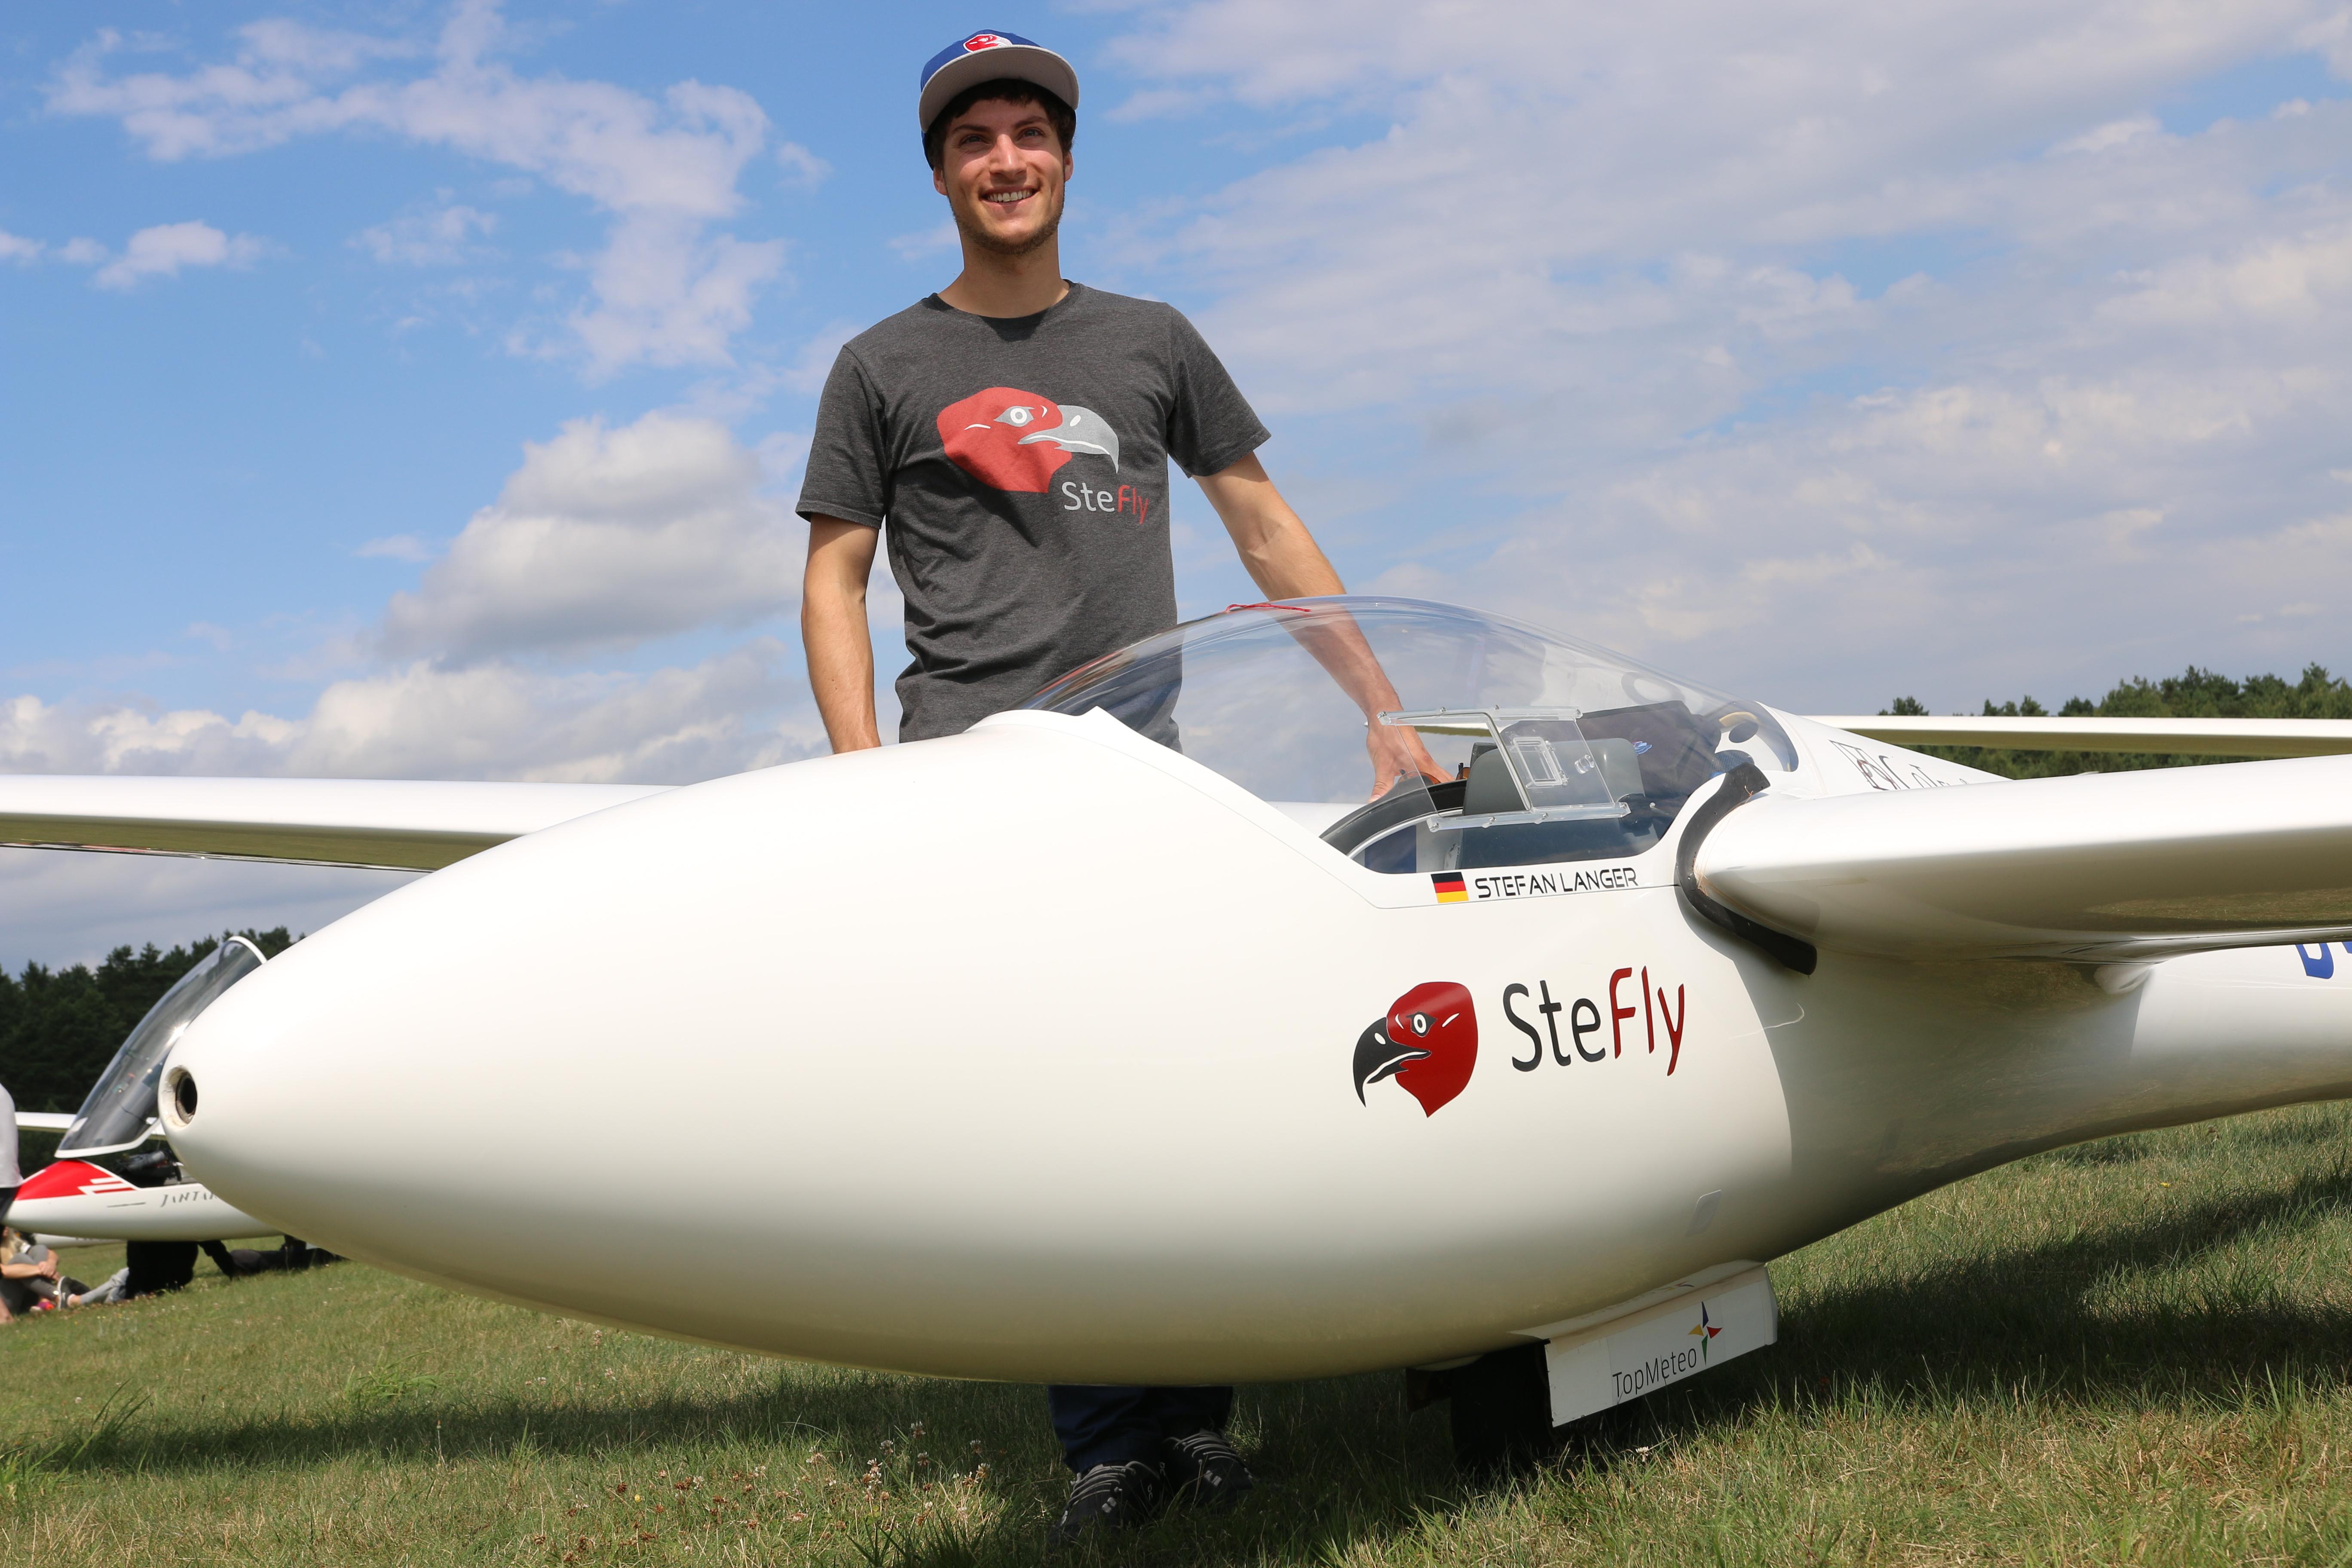 Stefan Langer grinst zurecht: Der 24-Jährige landete auf Platz drei bei der Junioren-Weltmeisterschaft der Segelflieger. Foto: Langer